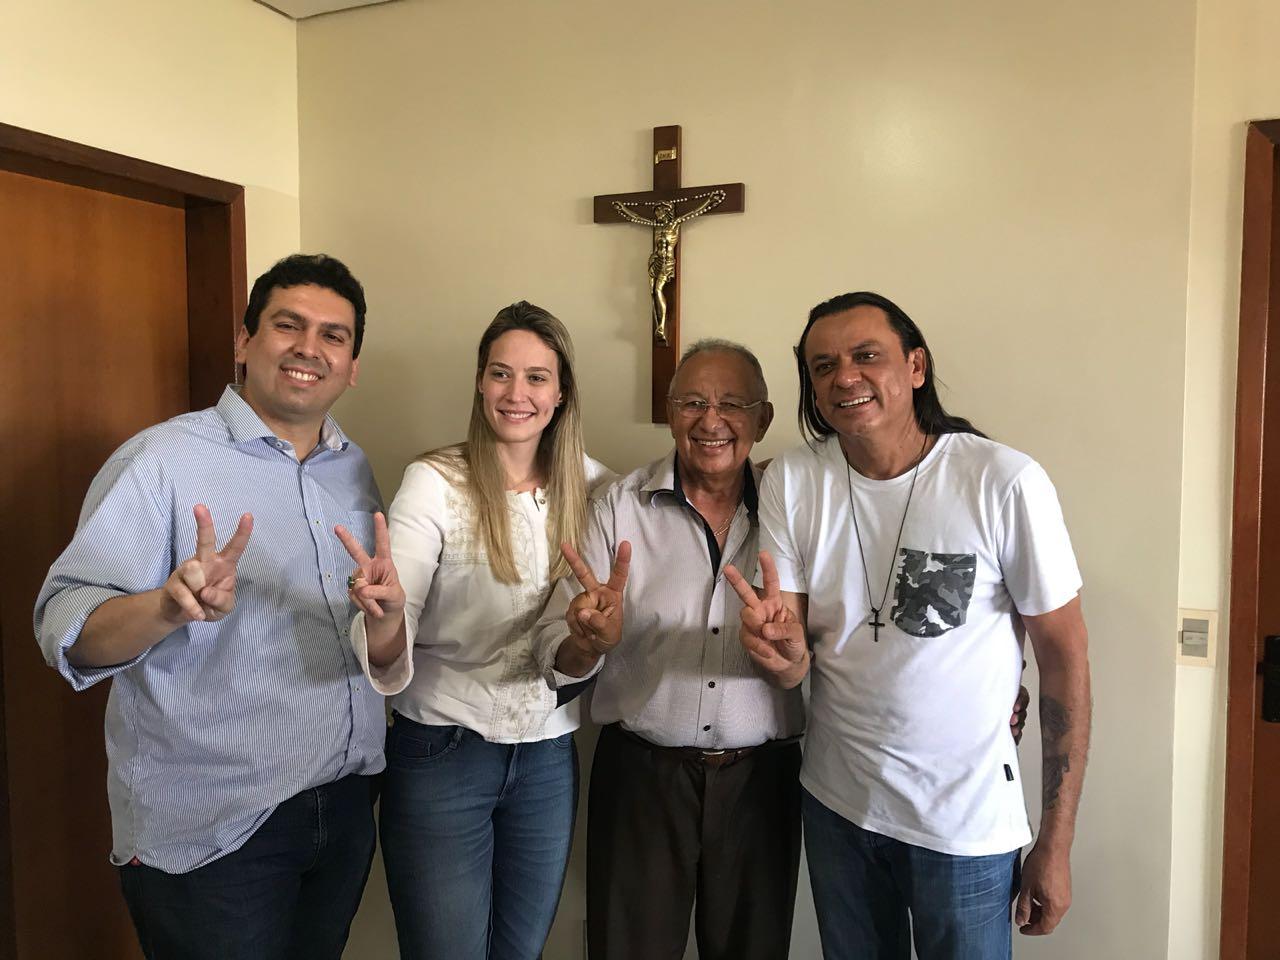 Deputado Evaldo Gomes, Vanessa Tapety, Dr. Pessoa e Frank Aguiar.